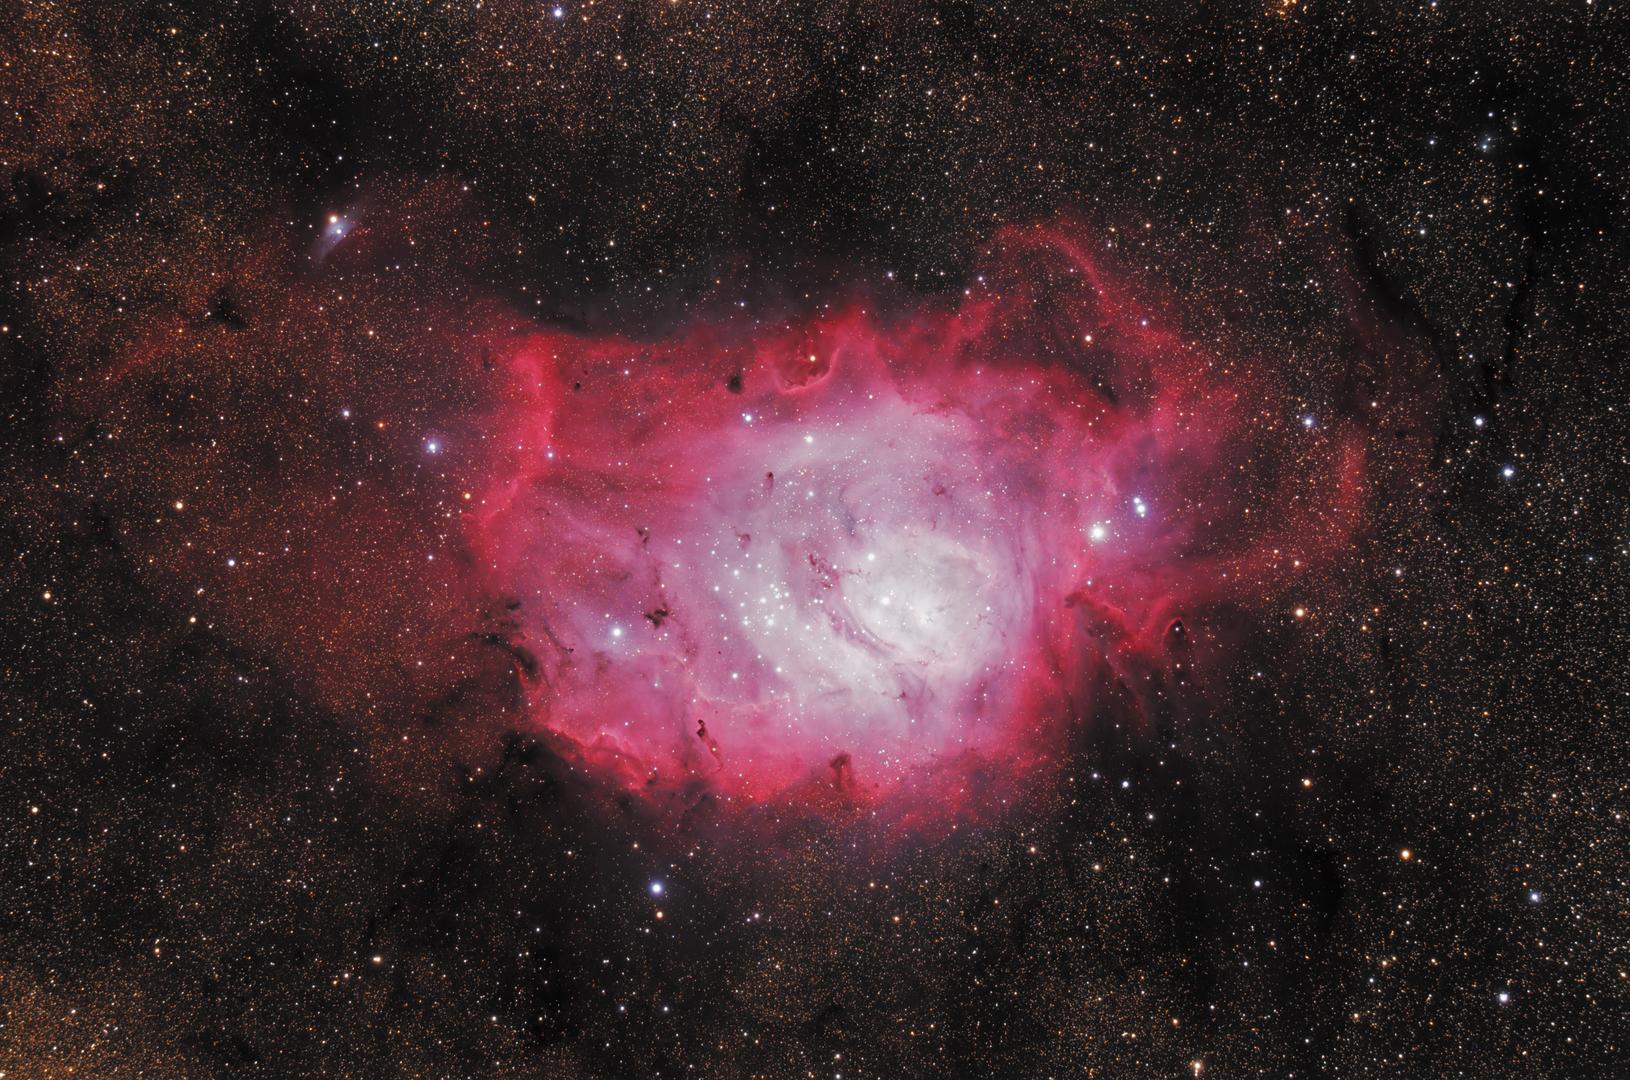 Lagoon-M8-2019-michaelastro.png